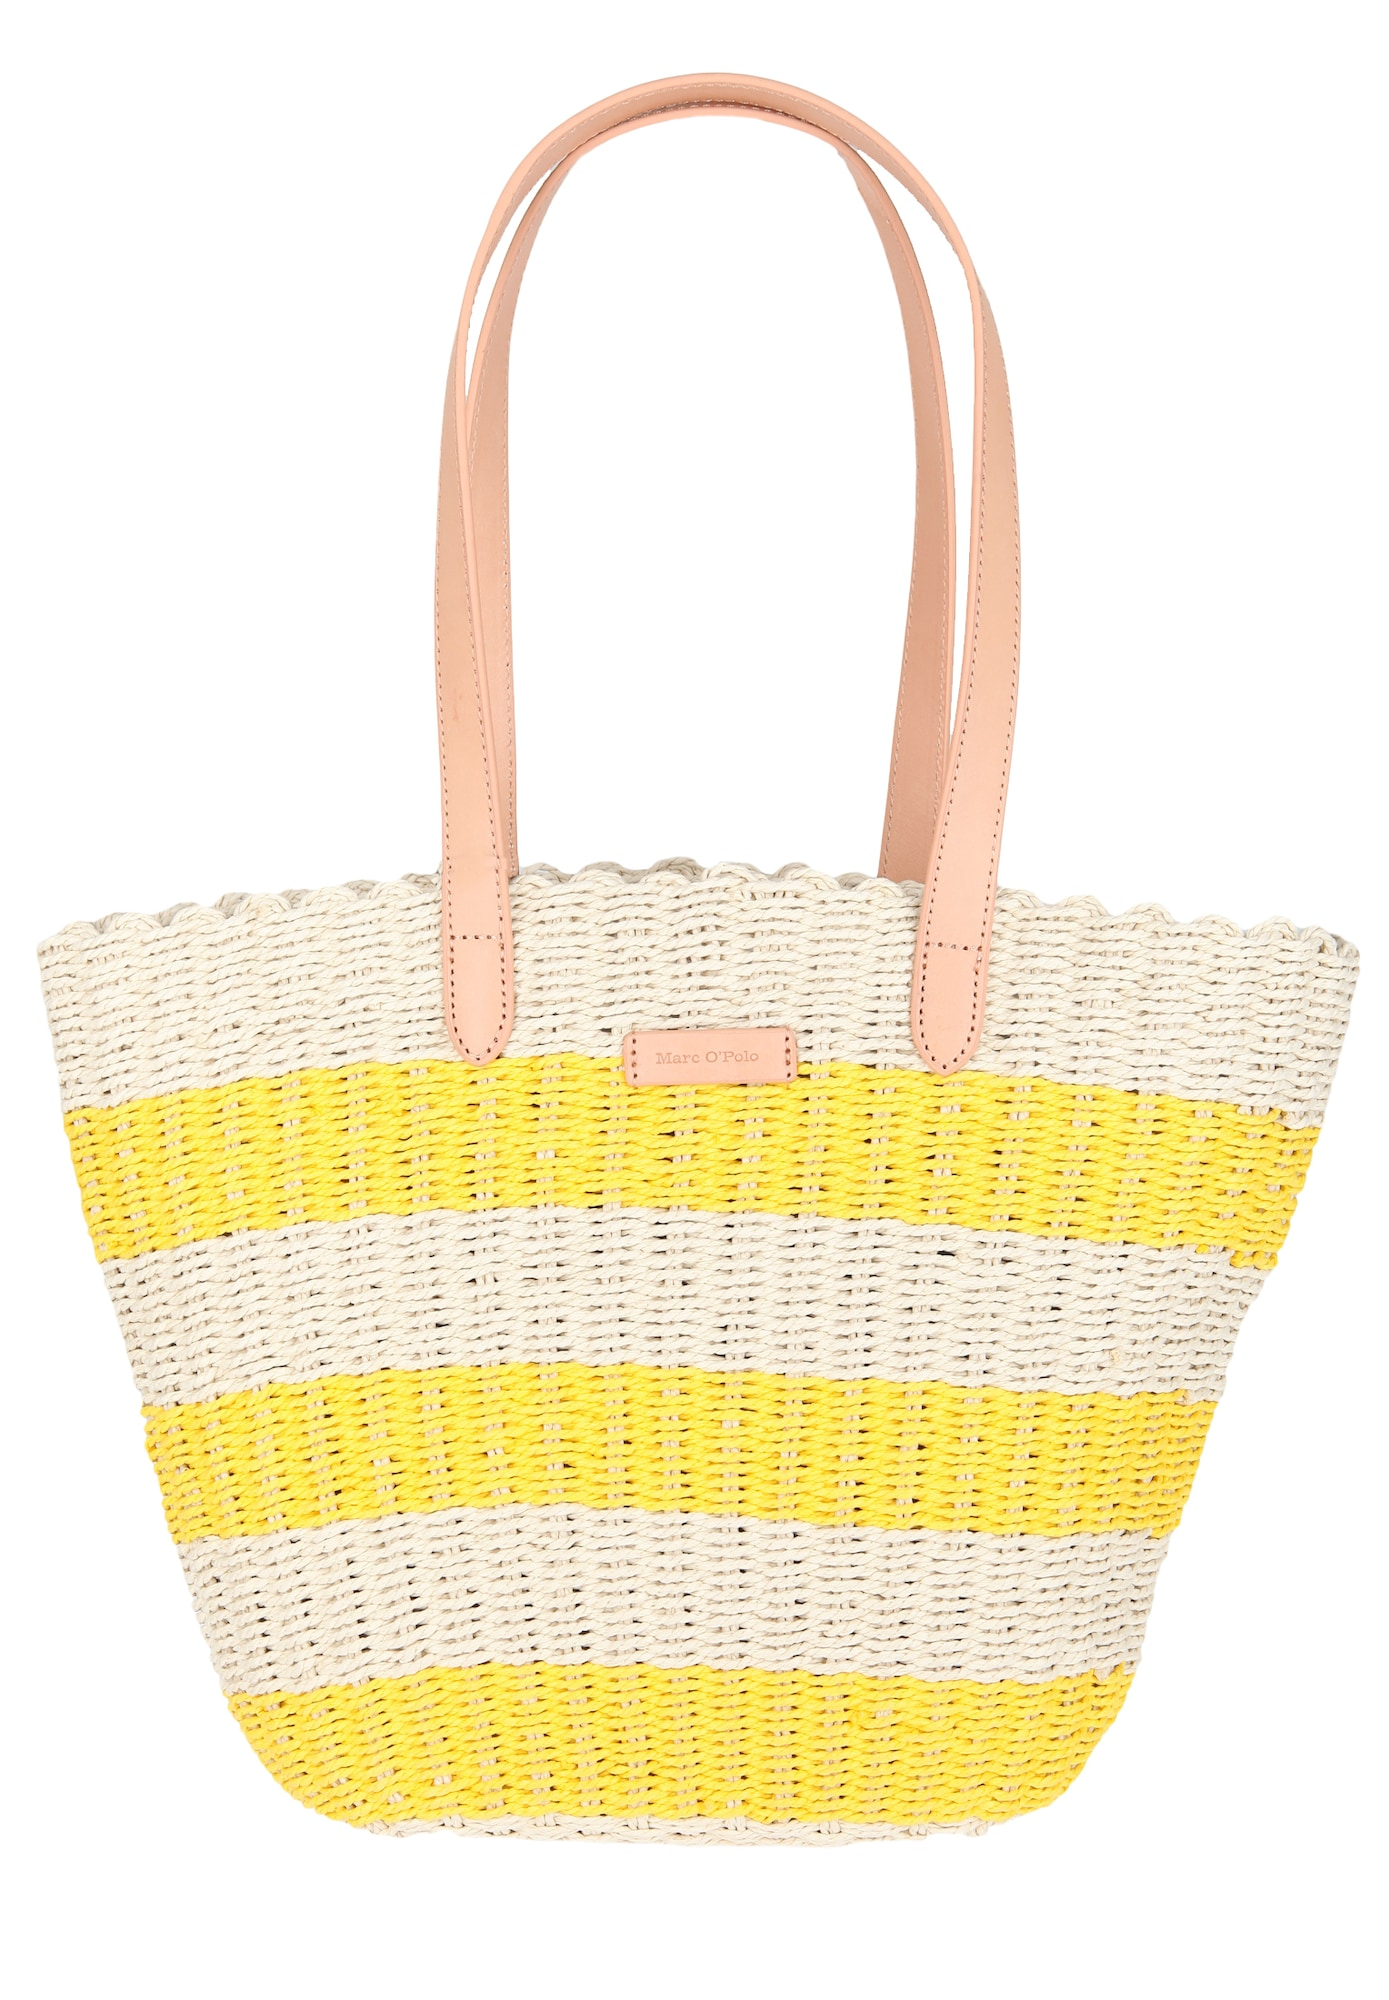 Strandtasche 'Sanna' | Taschen > Handtaschen > Strandtaschen | Beige - Gelb | Marc O'Polo